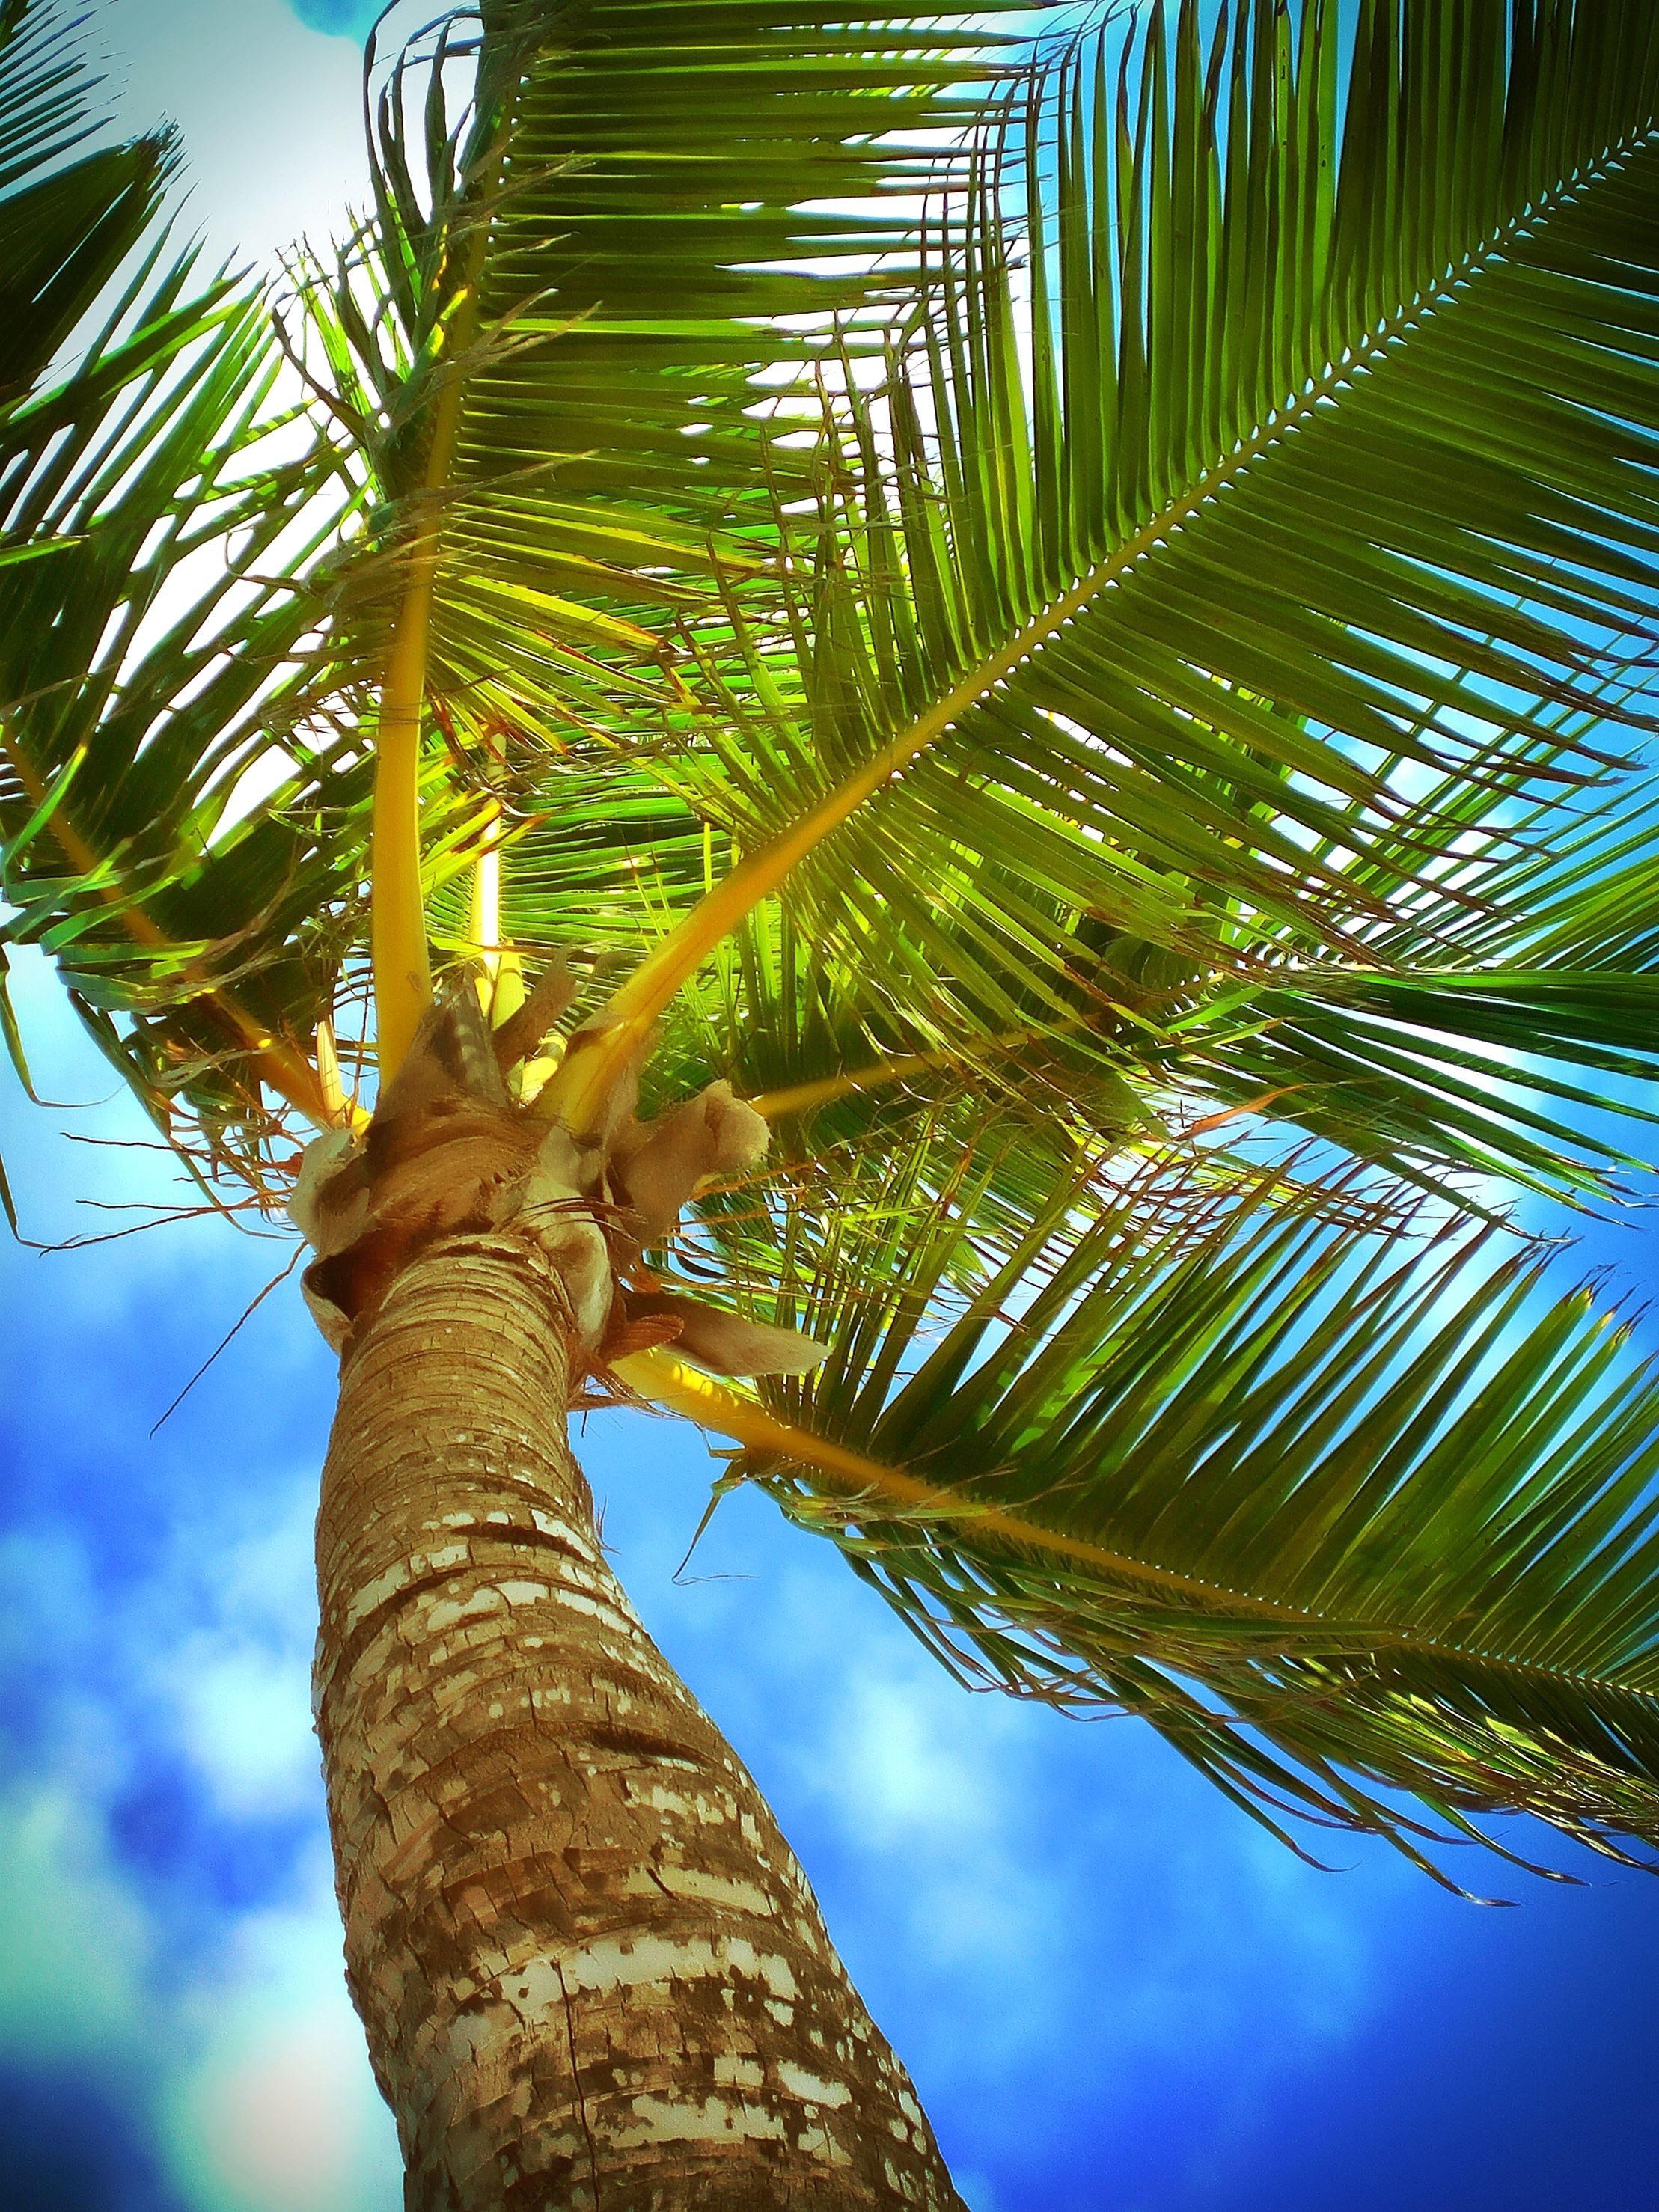 imagen gratis  playa  del caribe  nubes  costa  coco  al